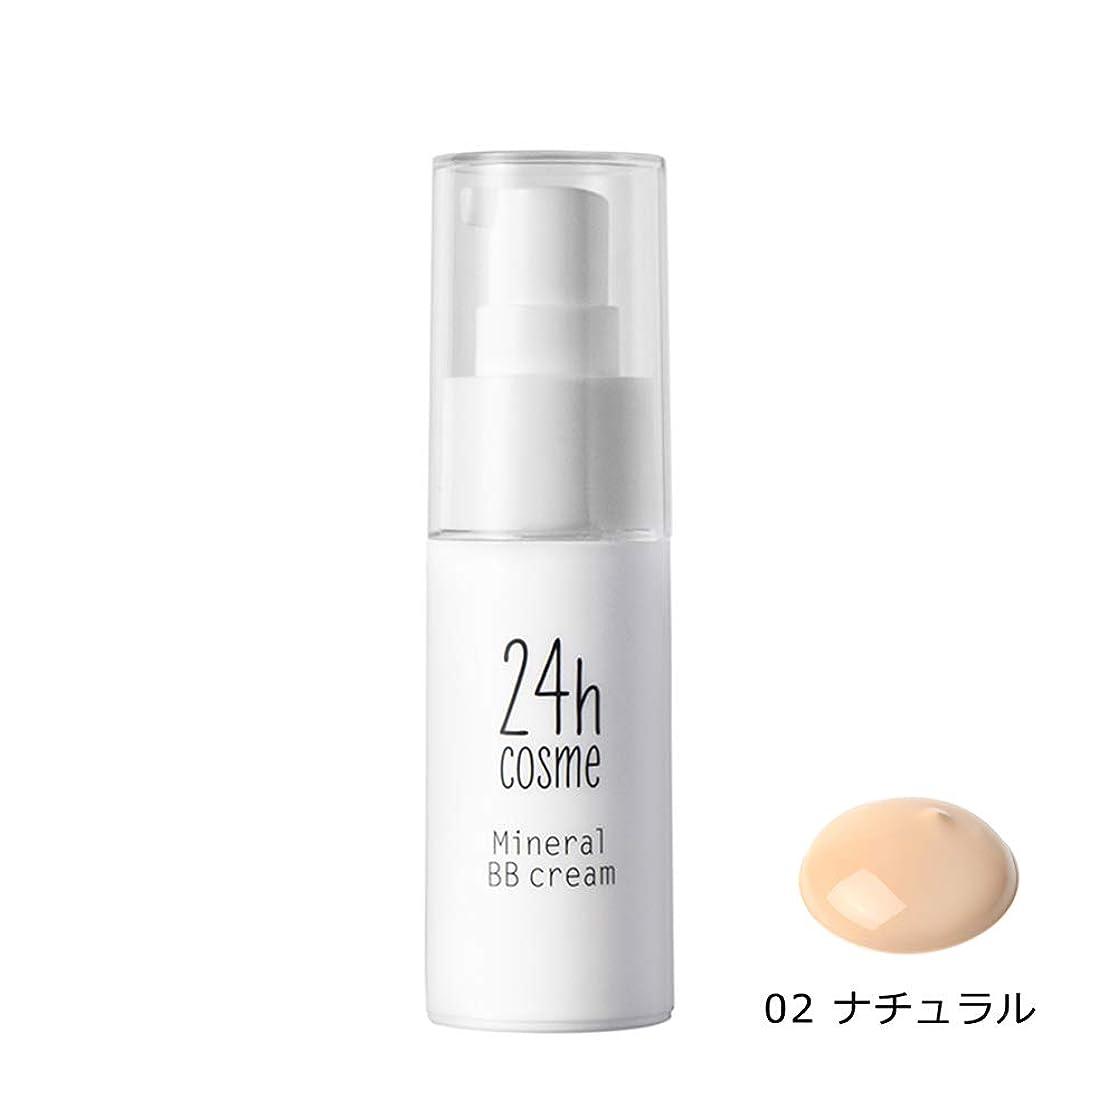 憂慮すべき満たすペチコート24h cosme 24 ミネラルBBクリーム 02 ナチュラル SPF30PA+++